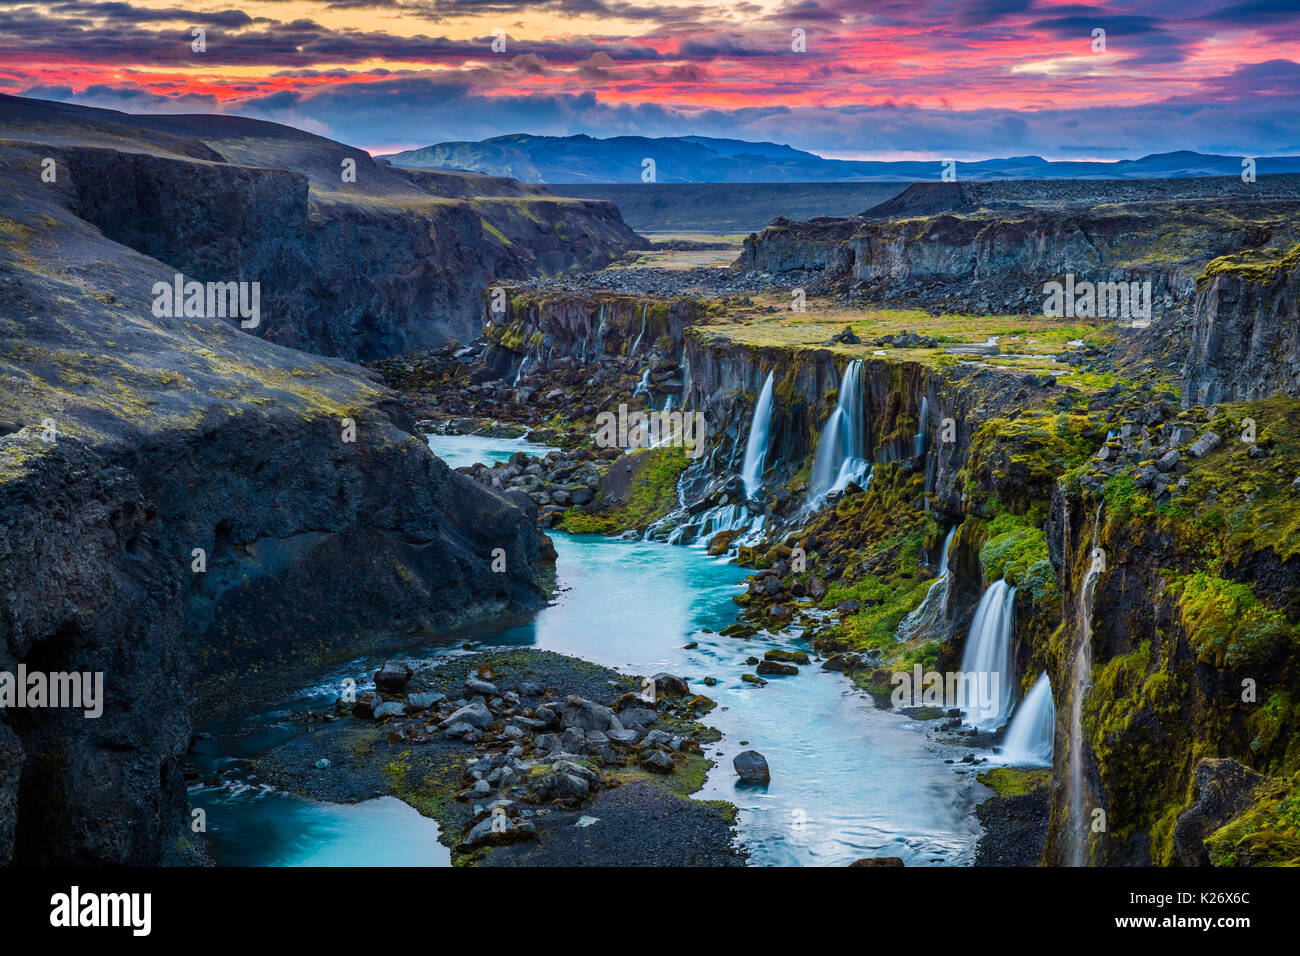 Cañón con múltiples cascadas en la región sur de Islandia Foto de stock